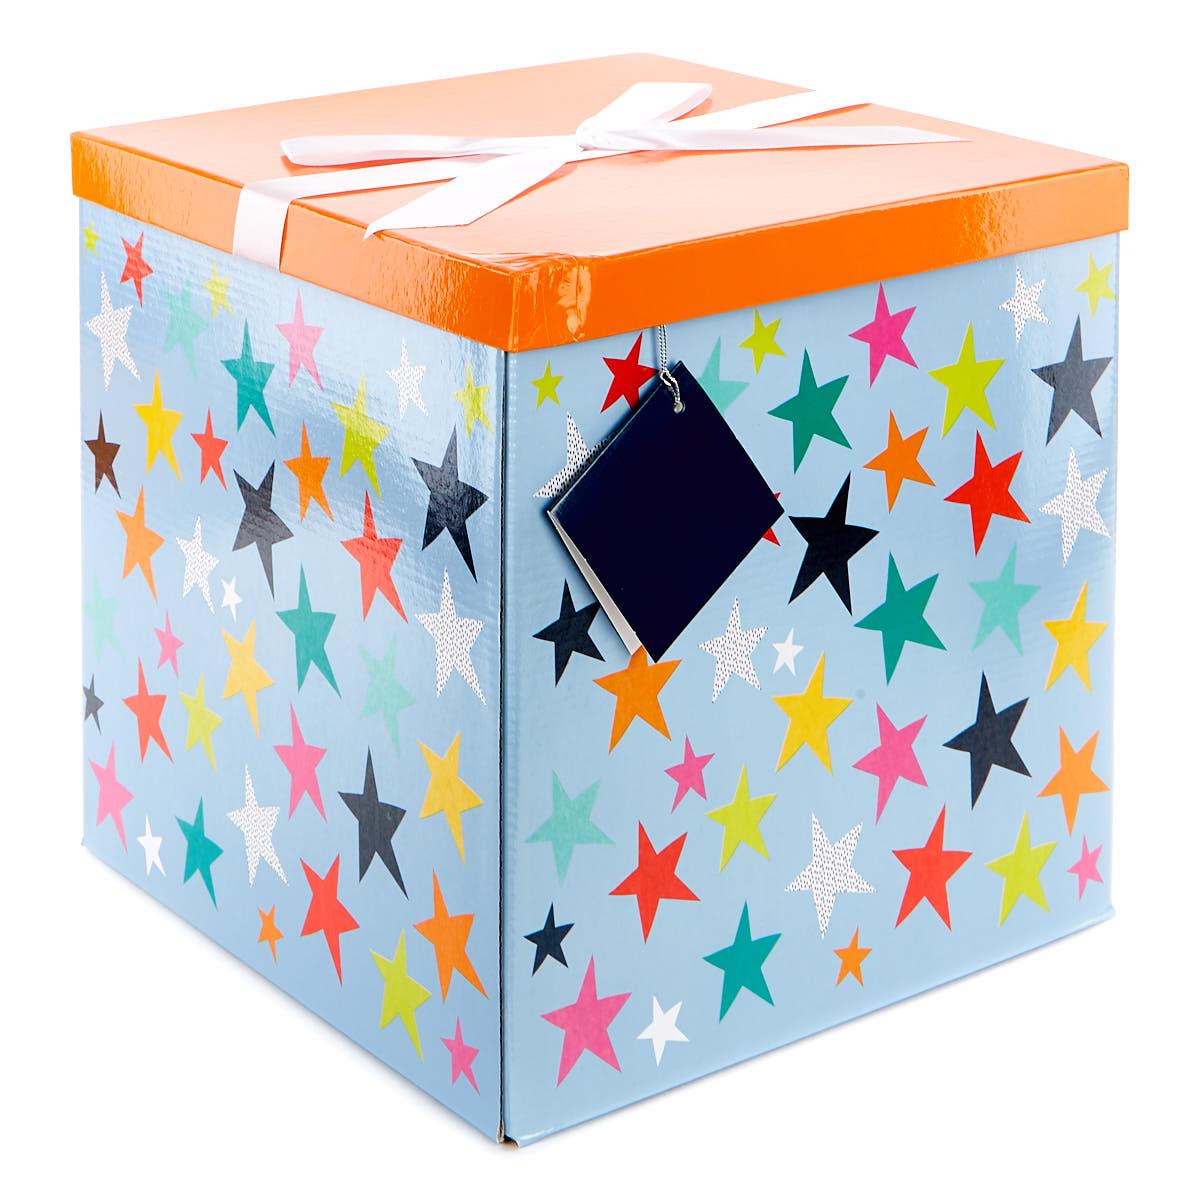 buy jumbo flatpack gift box  orange  blue stars for gbp